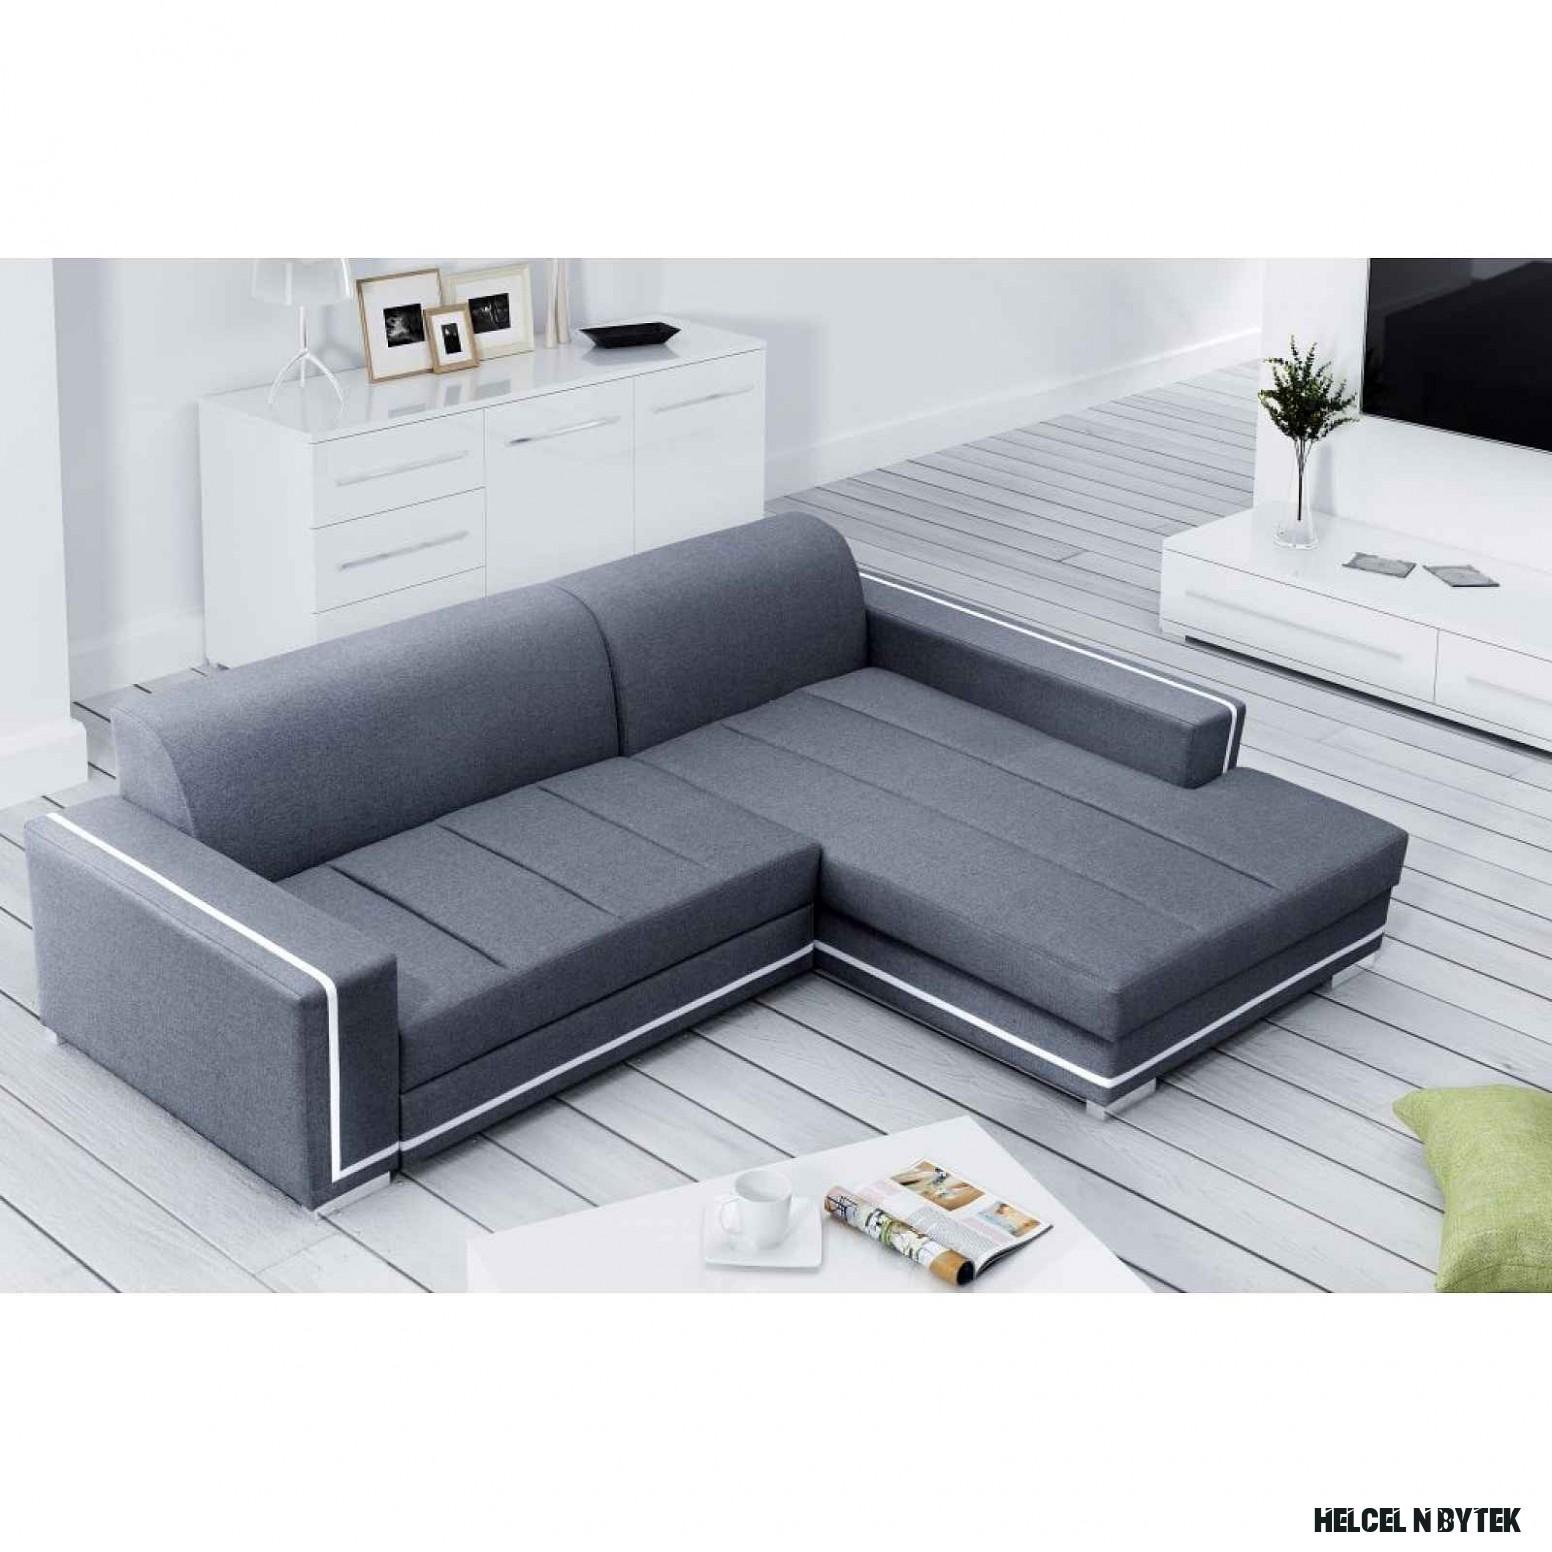 Moderní rohová sedačka Marina, šedá Roh: Orientace rohu Levý roh HELCEL